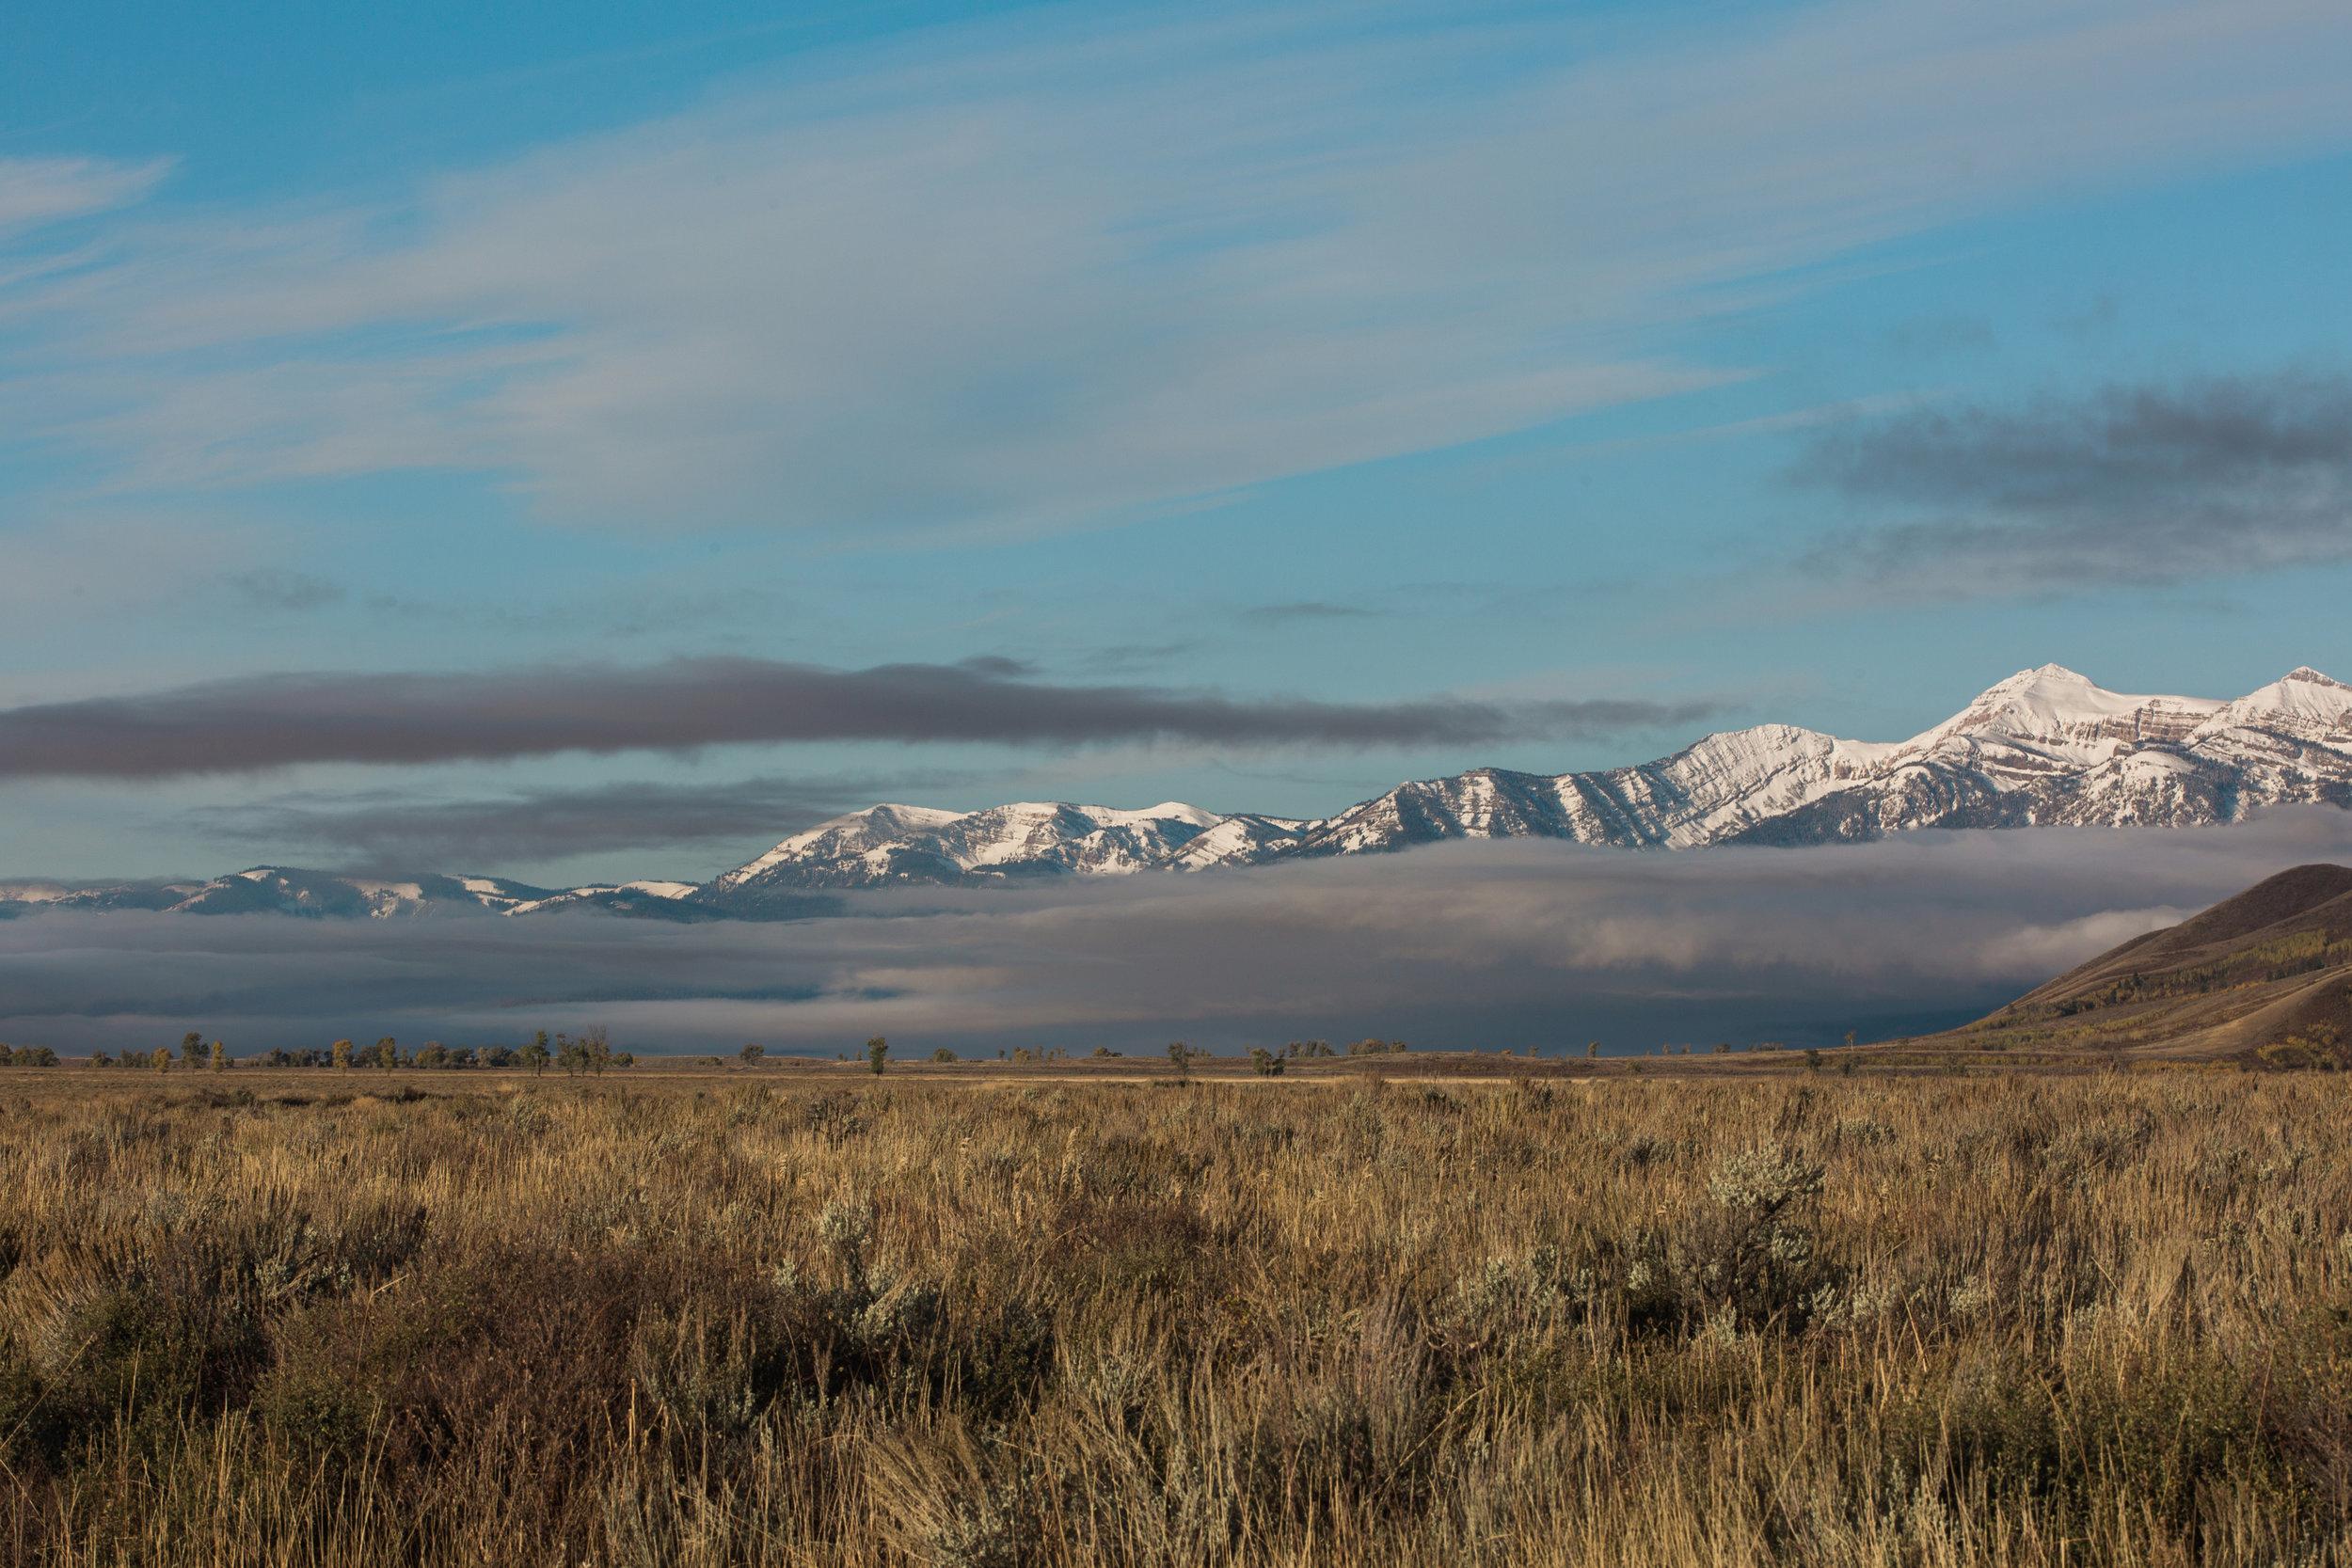 CindyGiovagnoli_Grand_Teton_National_Park_mountains_Bison_Autumn_Wyoming_Mormon_Row_aspens_fall_outdoor_photographer-039.jpg